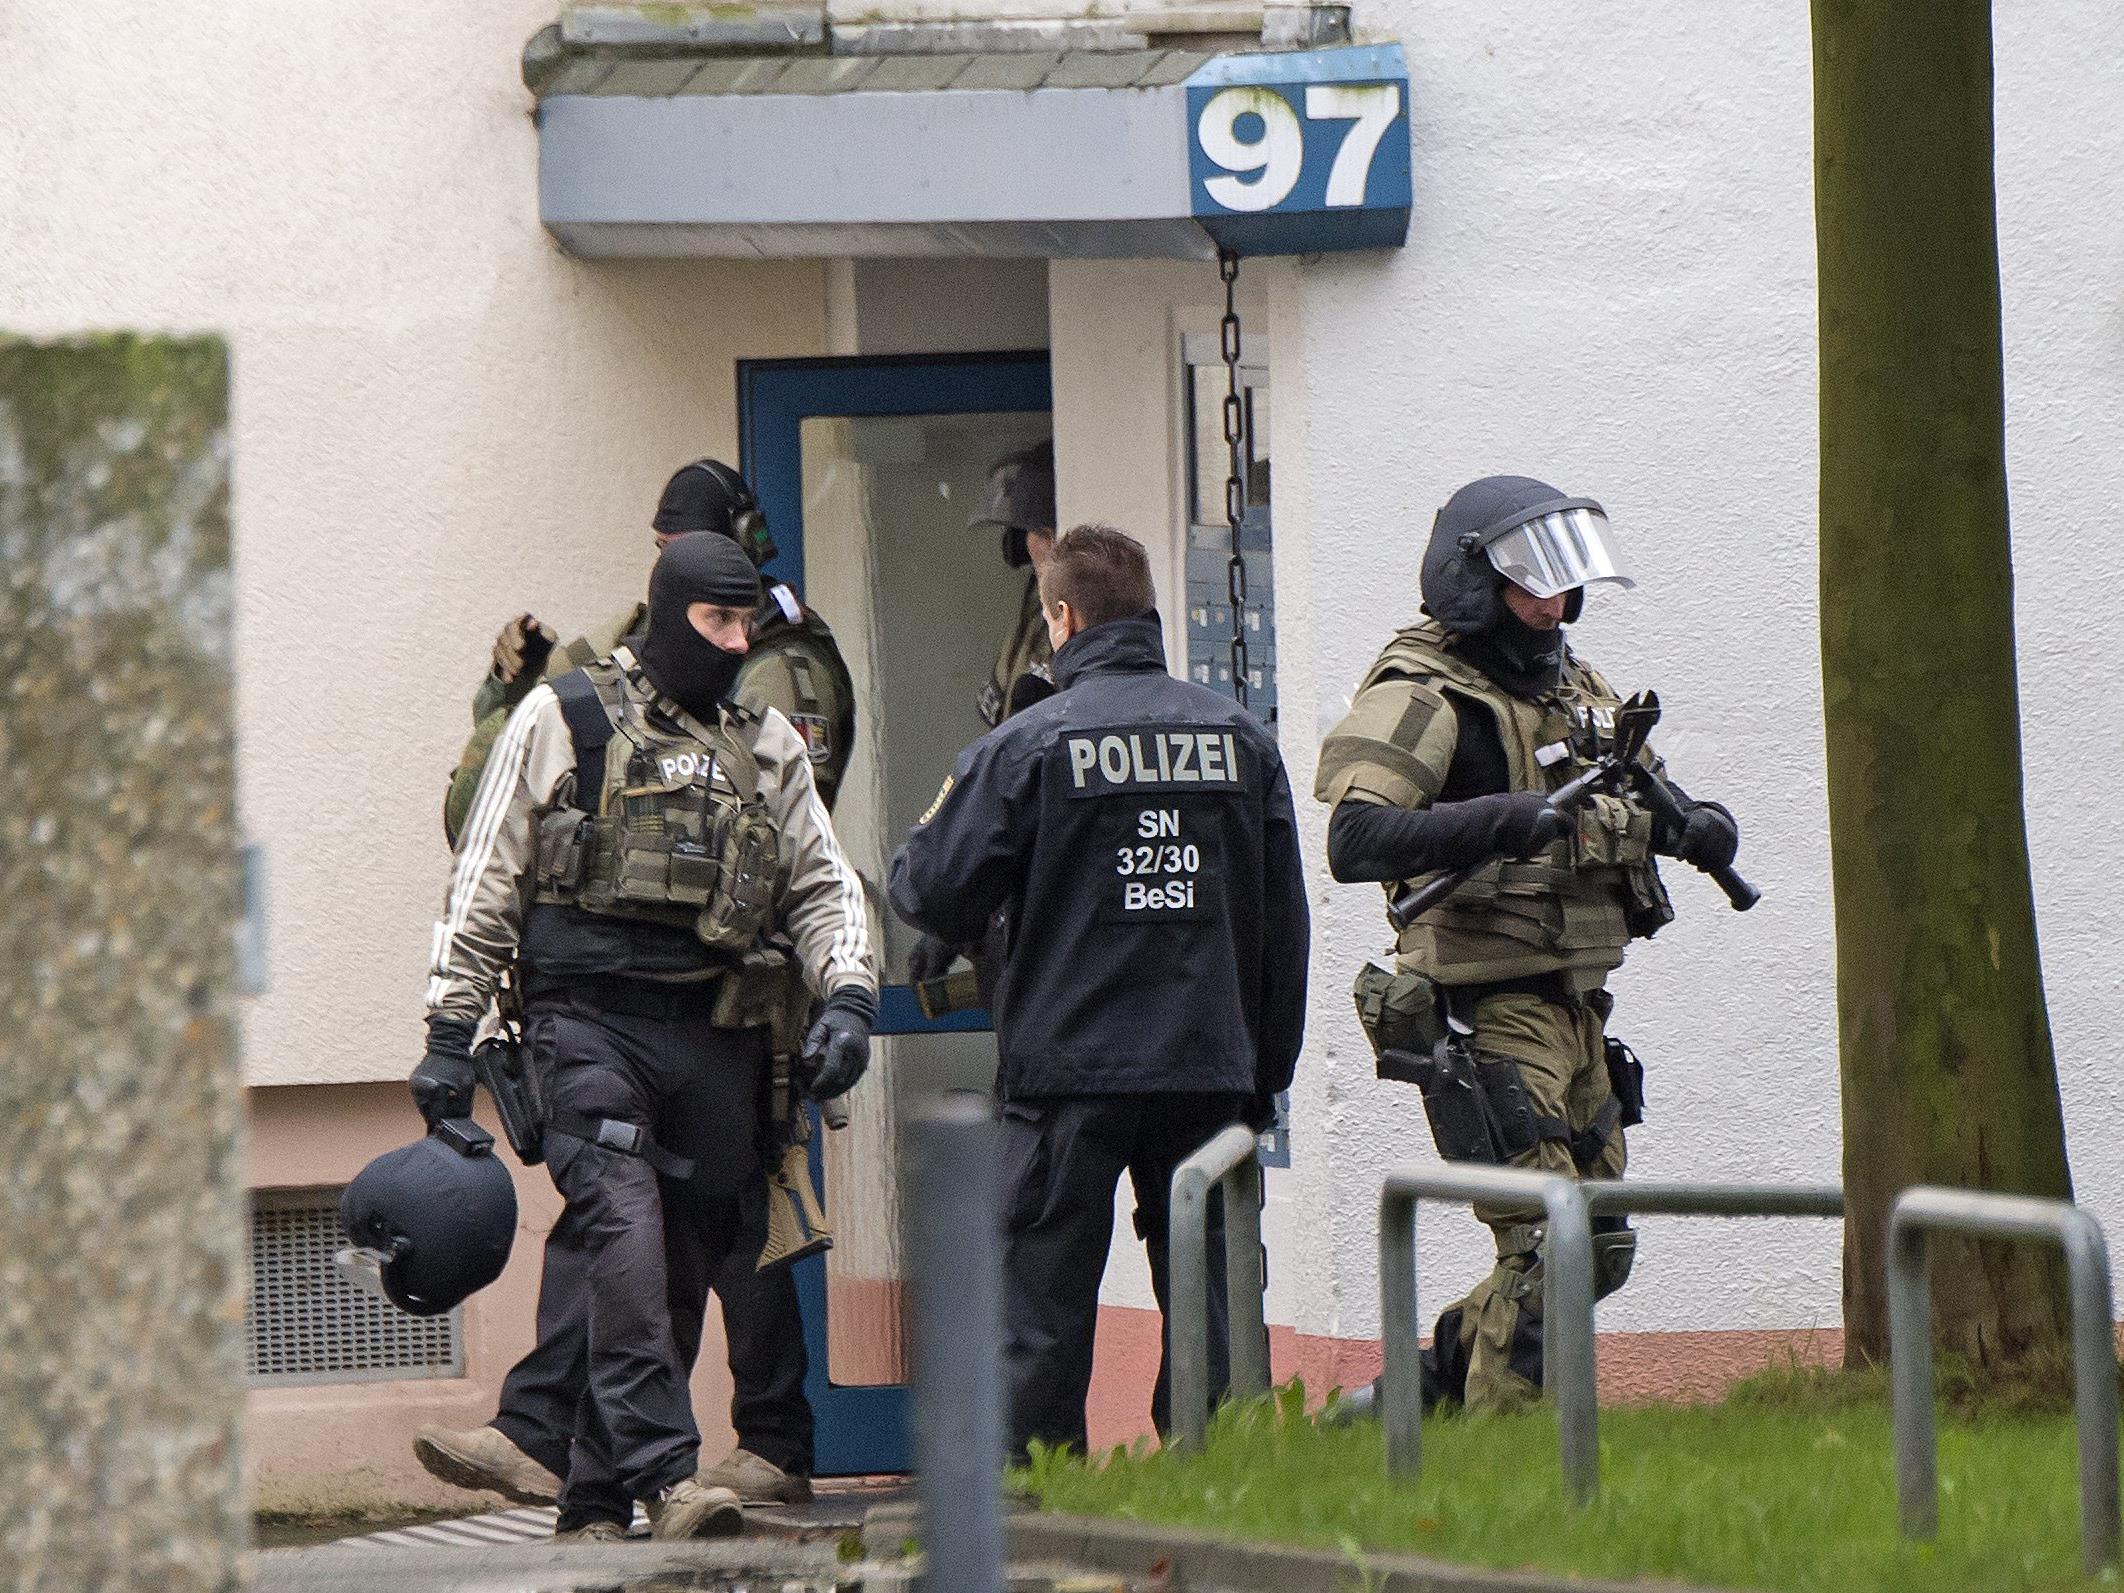 Polizei prüft nach Sprengstofffund in Chemnitz 80 ernst zu nehmende Hinweise.